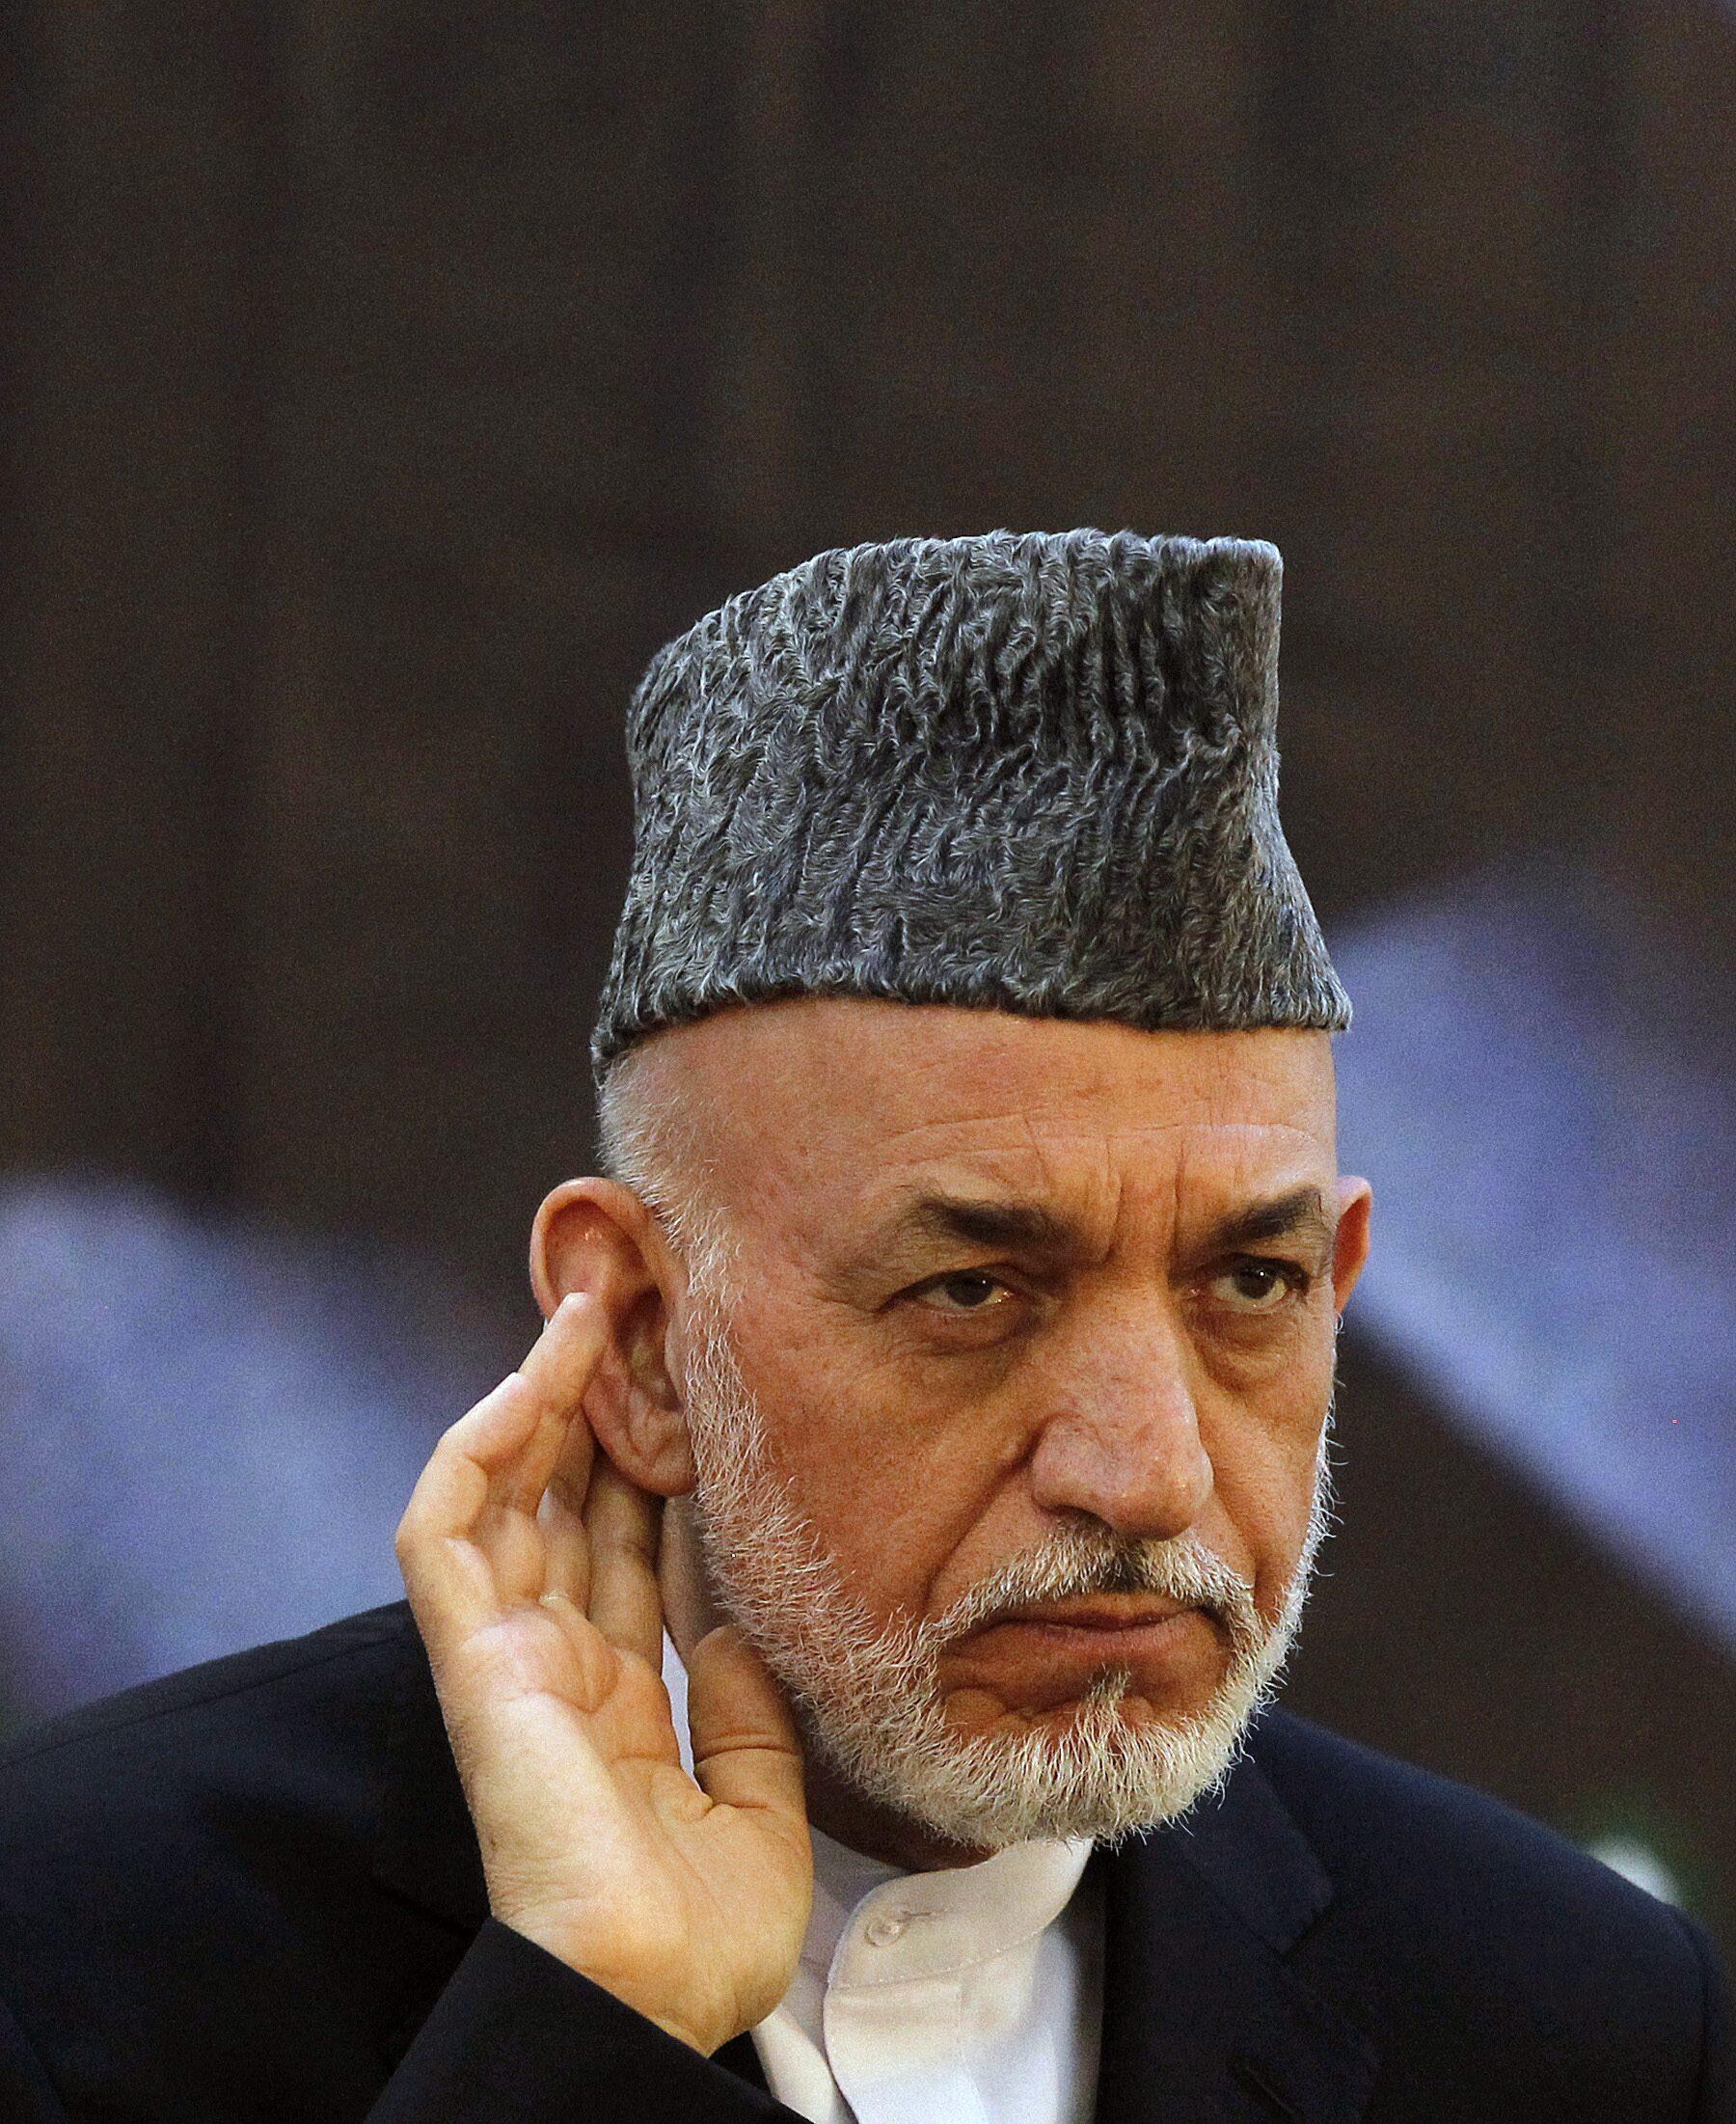 Le président afghan Hamid Karzaï, le 18 juin 2013 à Kaboul.